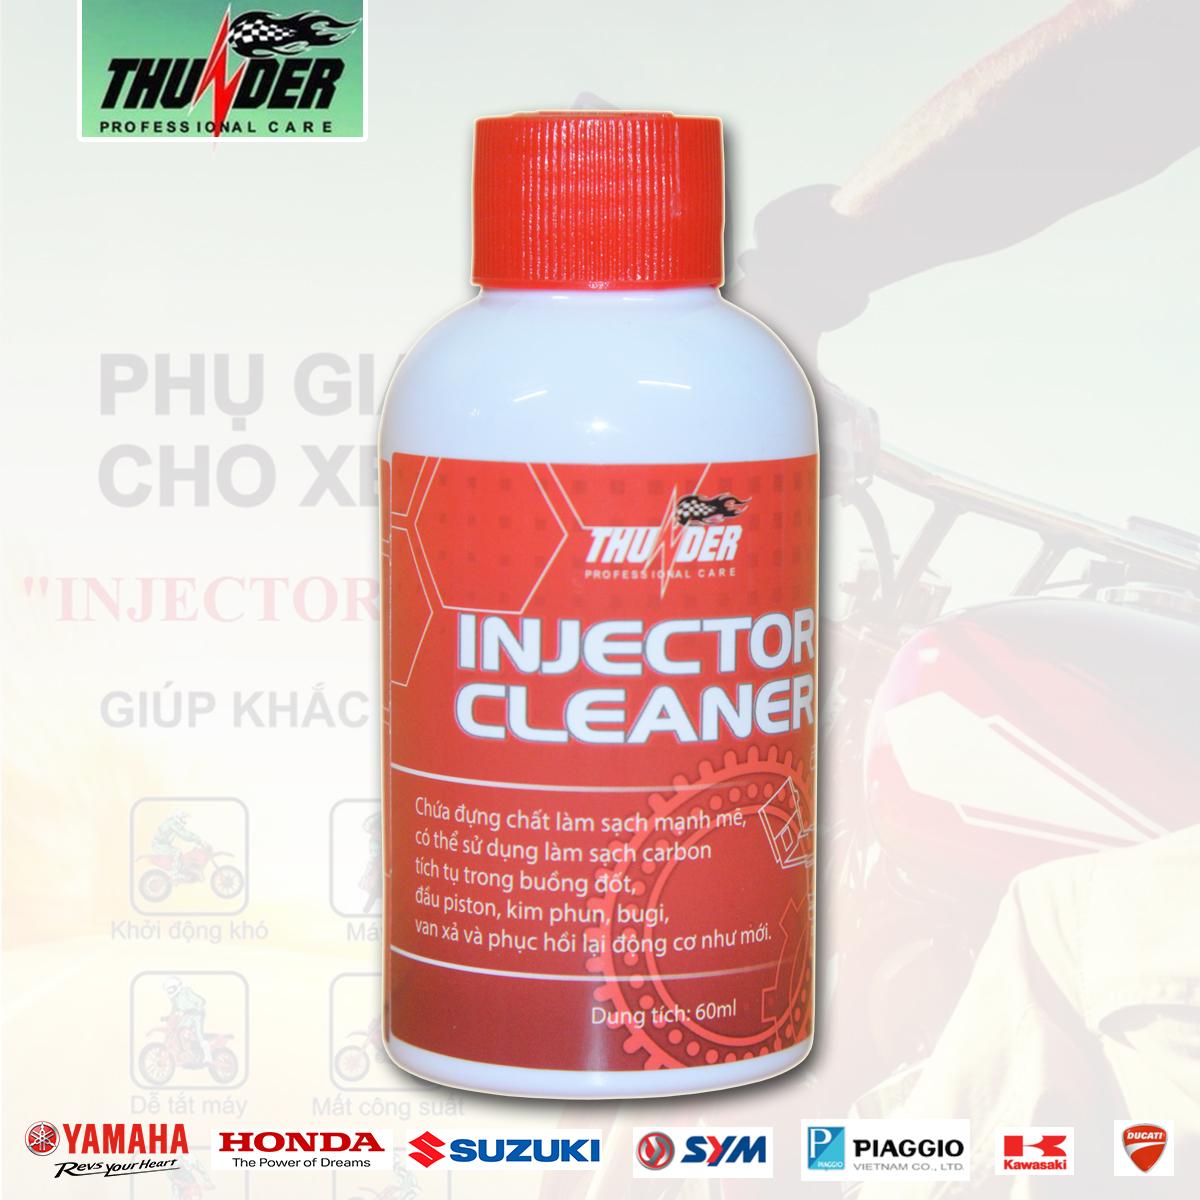 Dung dịch Injector Cleaner giúp vệ sinh và chống tạo mảng bám trong Kim phun, Bình xăng con, Piston, Buồng đốt.